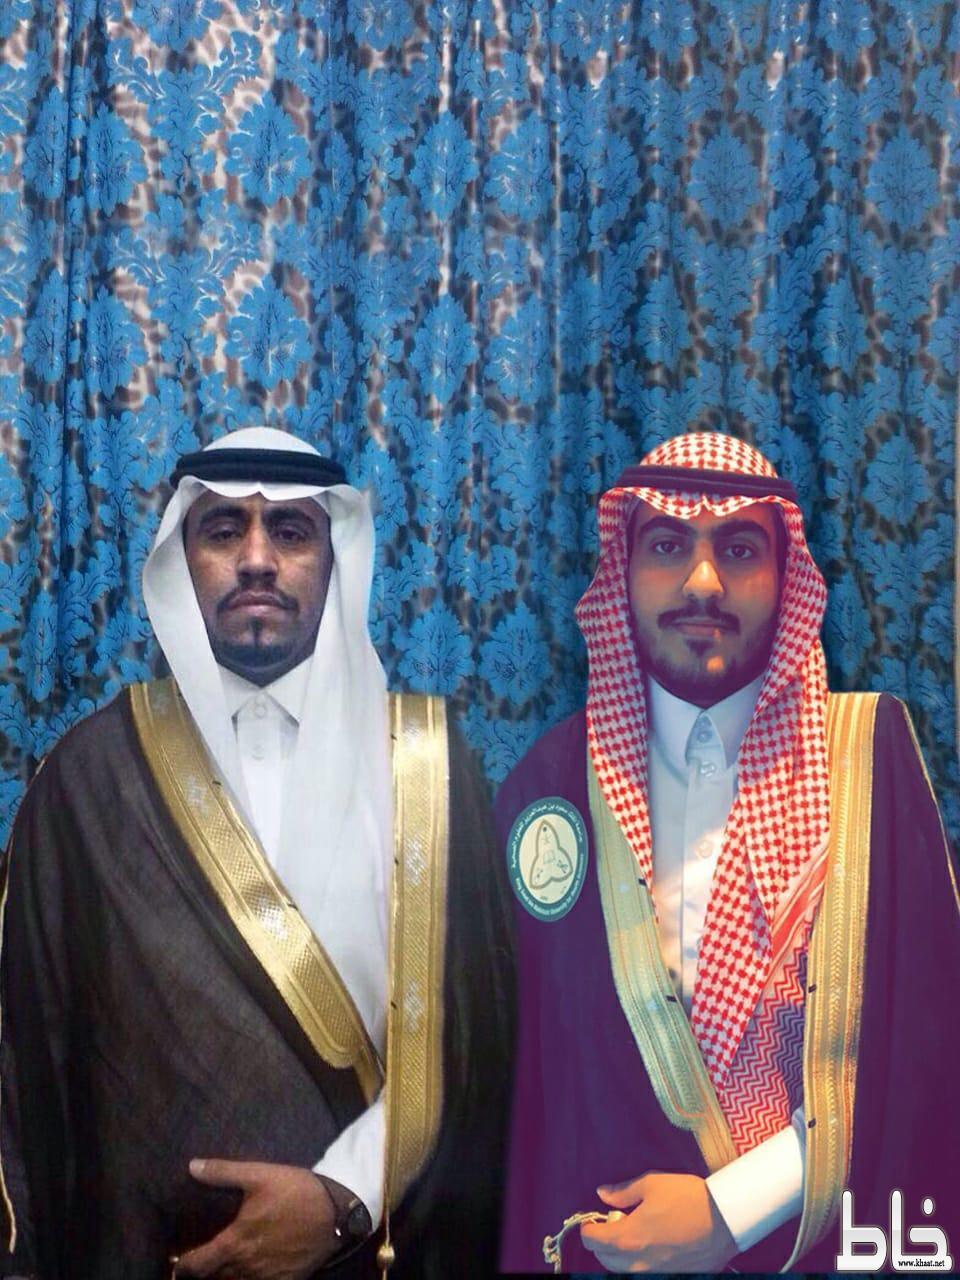 عبد الرحمن إل راشد الشهري يحصل على درجة البكالوريوس من جامعة الملك سعود للعلوم الصحية